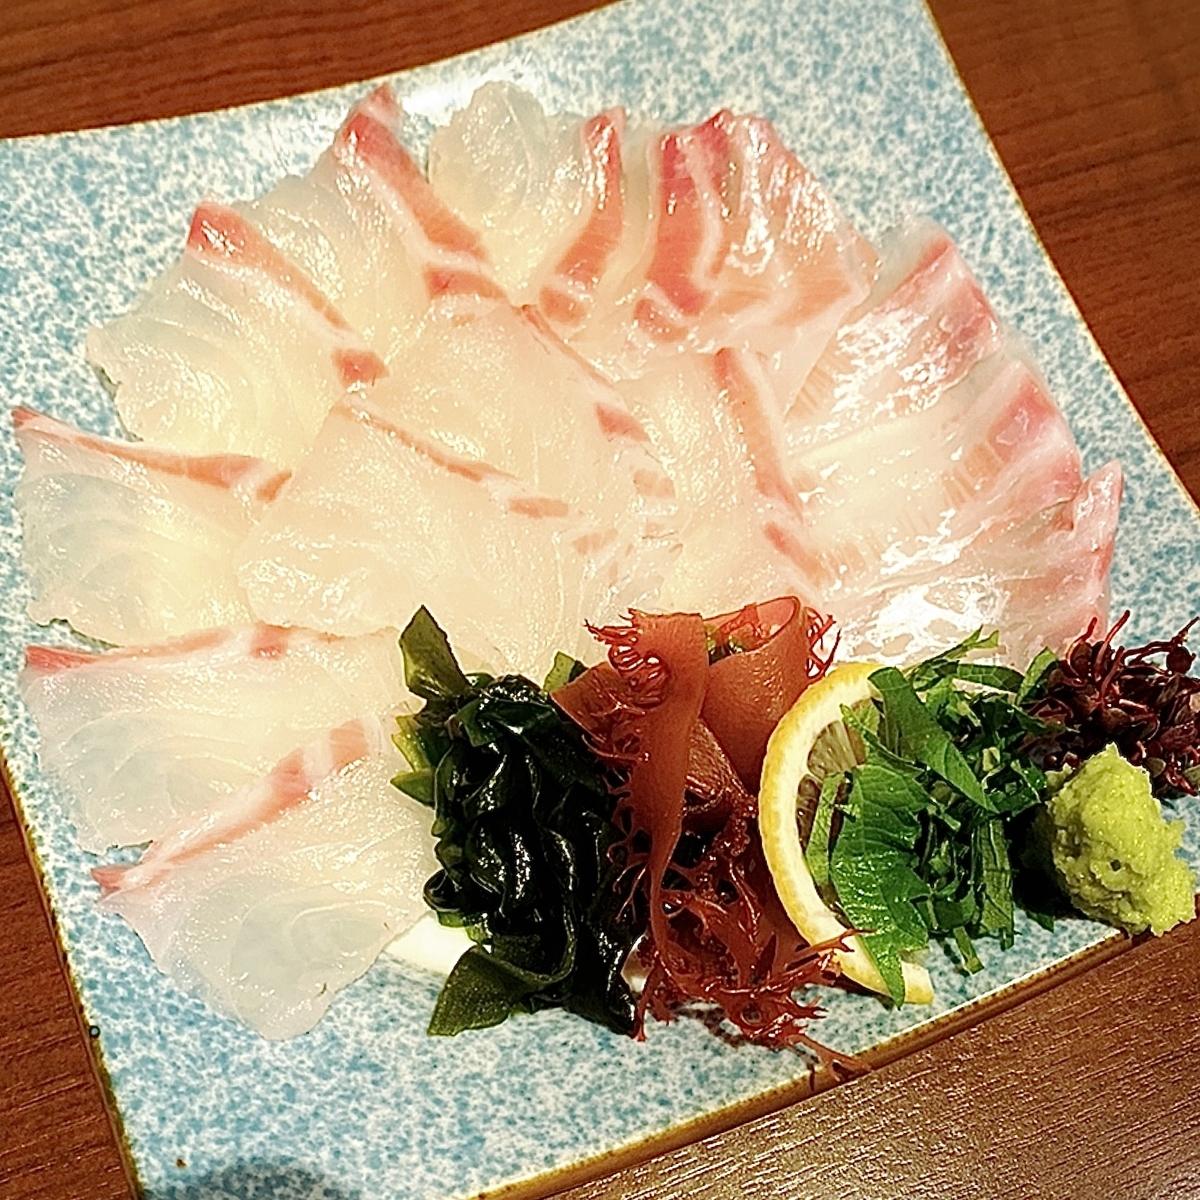 「魚王KUNI 吉祥寺」は海鮮居酒屋としてとてもおすすめできるお店でした